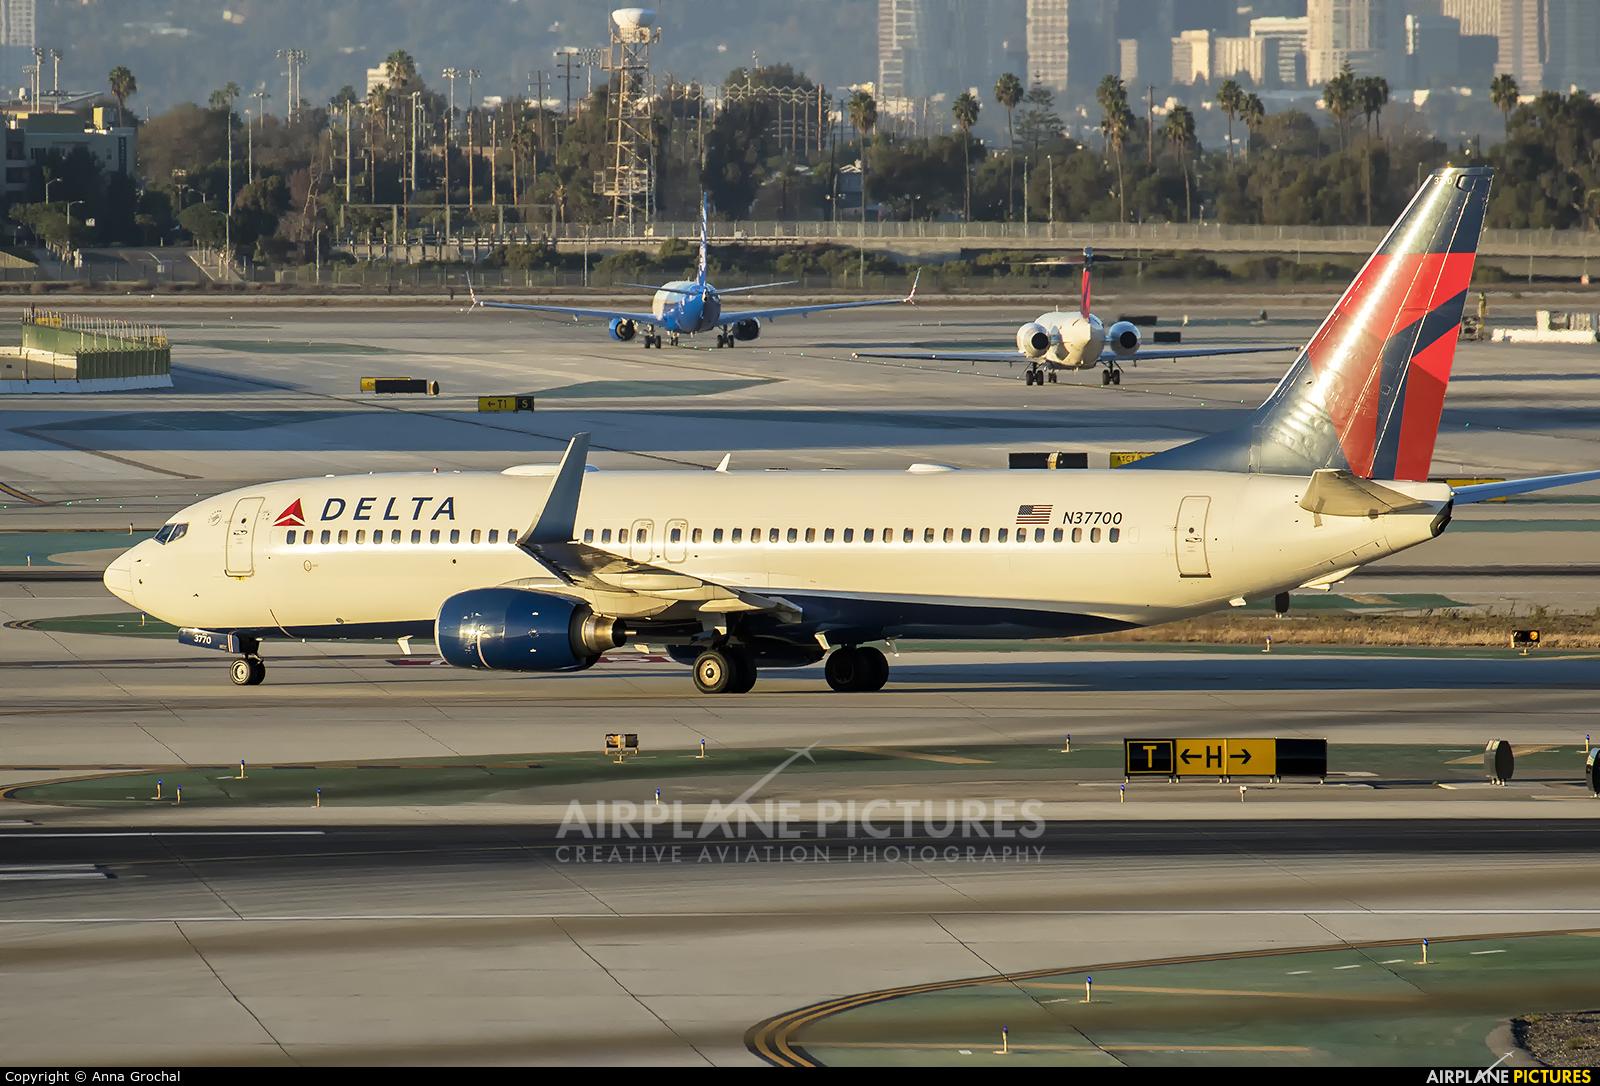 Delta Air Lines N37700 aircraft at Los Angeles Intl